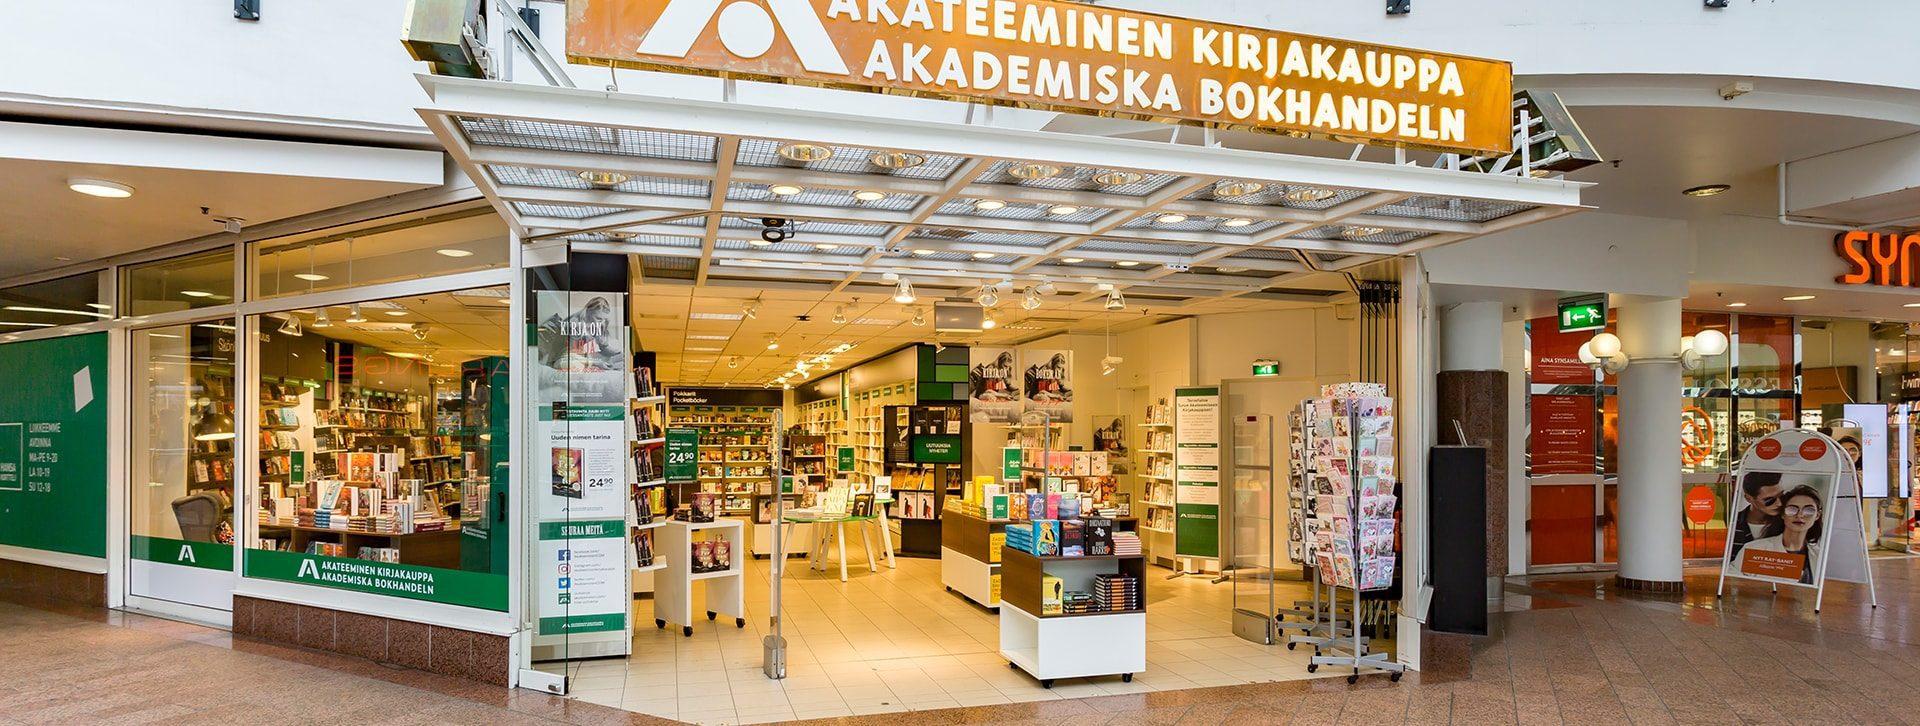 hansakortteli_akateeminen_kirjakauppa2